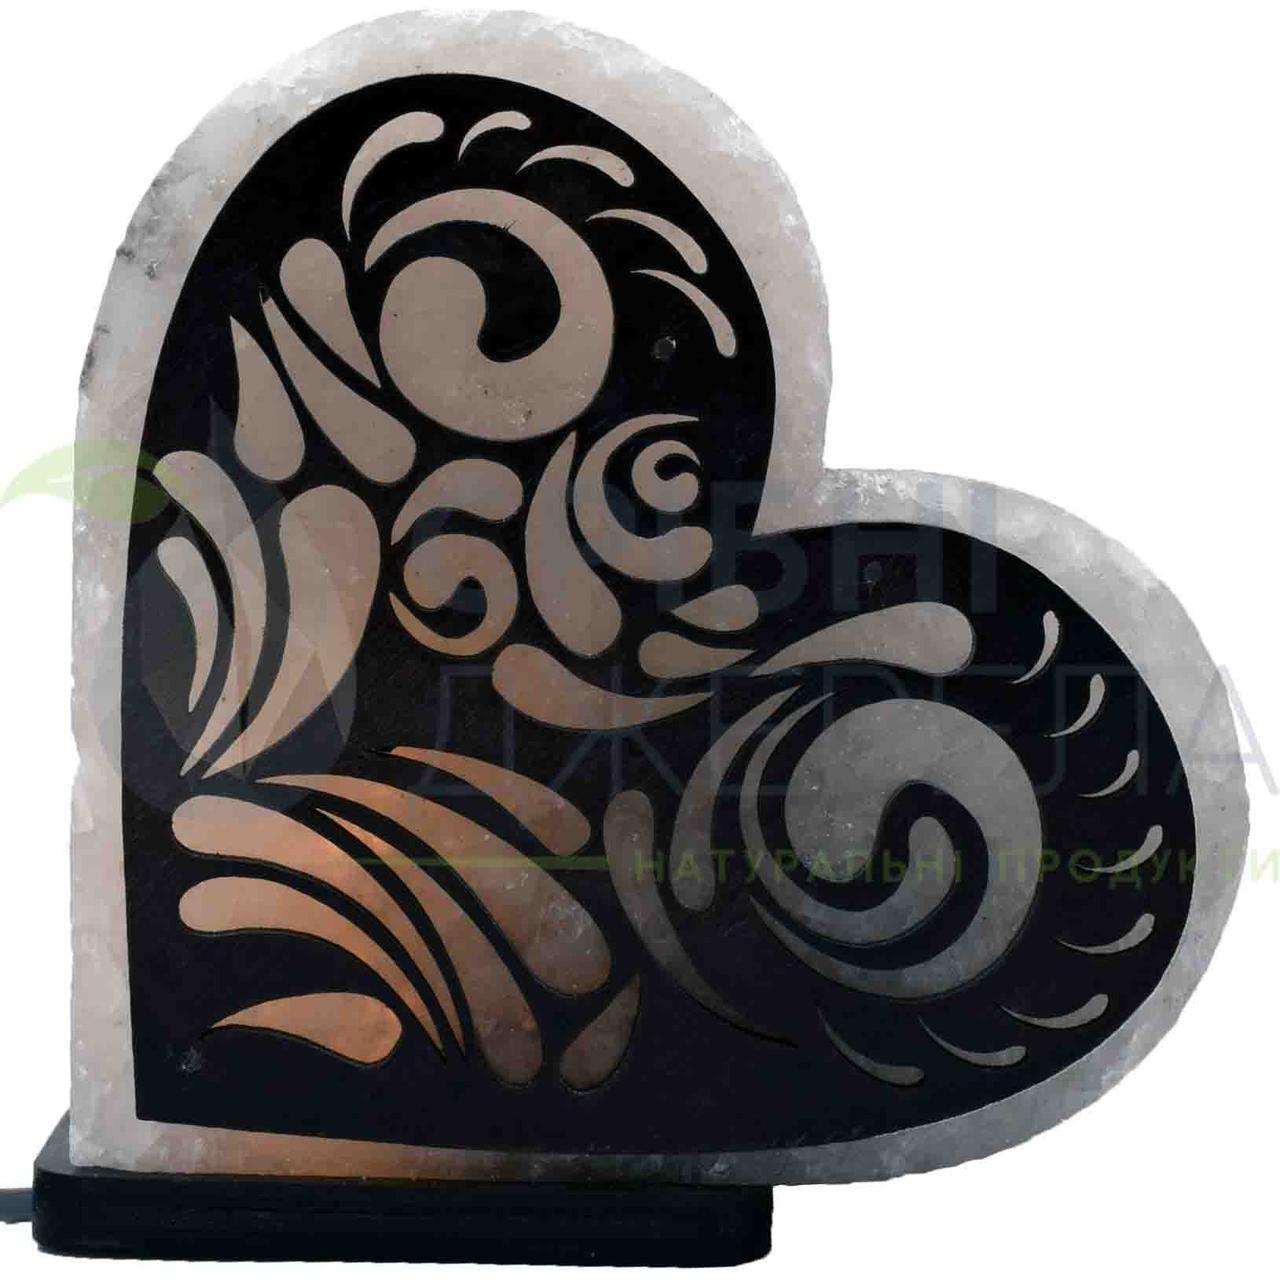 Соляна лампа Серце з візерунком №2, 3-4 кг